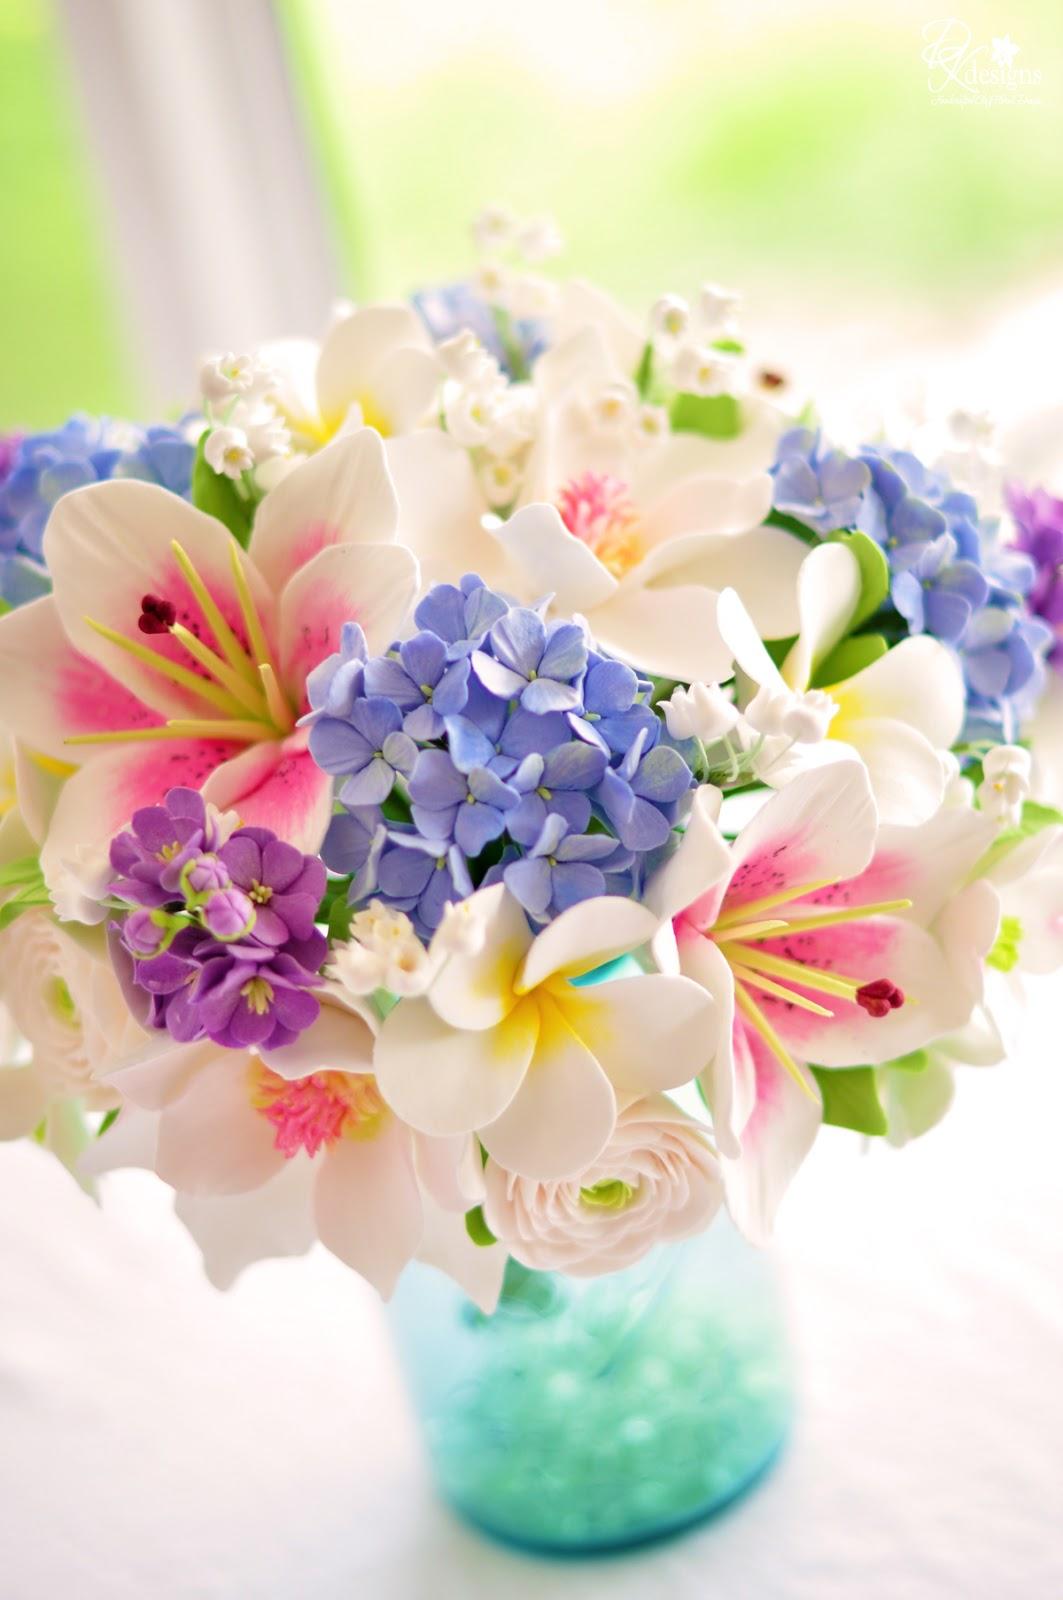 DK Designs: Spring Inspired Bouquet